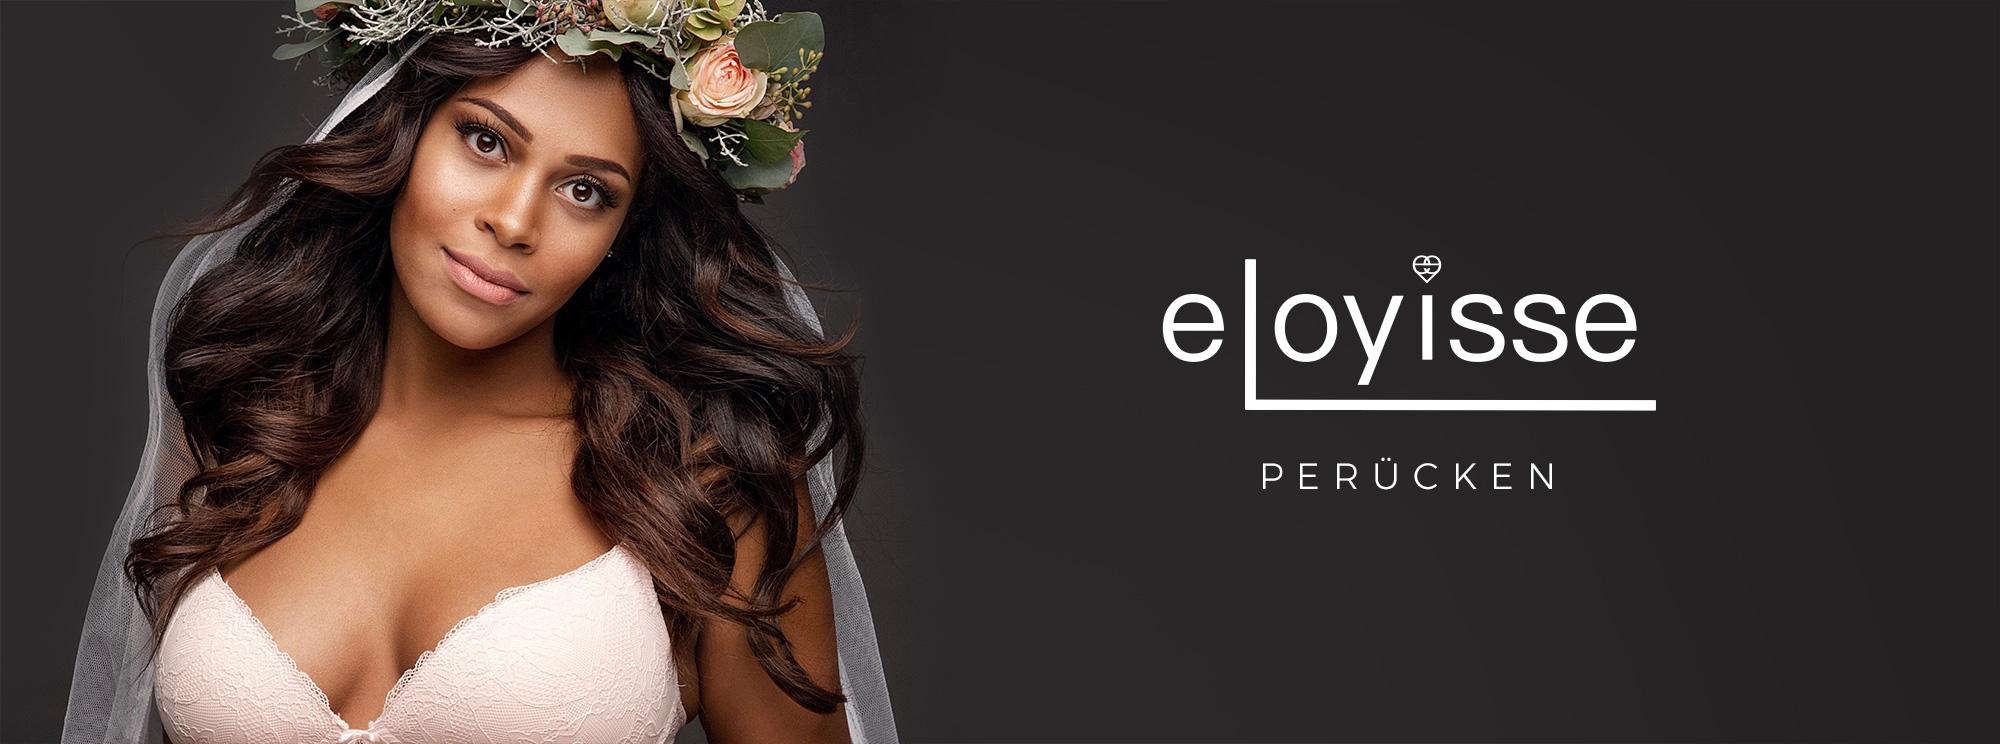 Perücken von eloyisse gestylt mit curly Haarprodukten